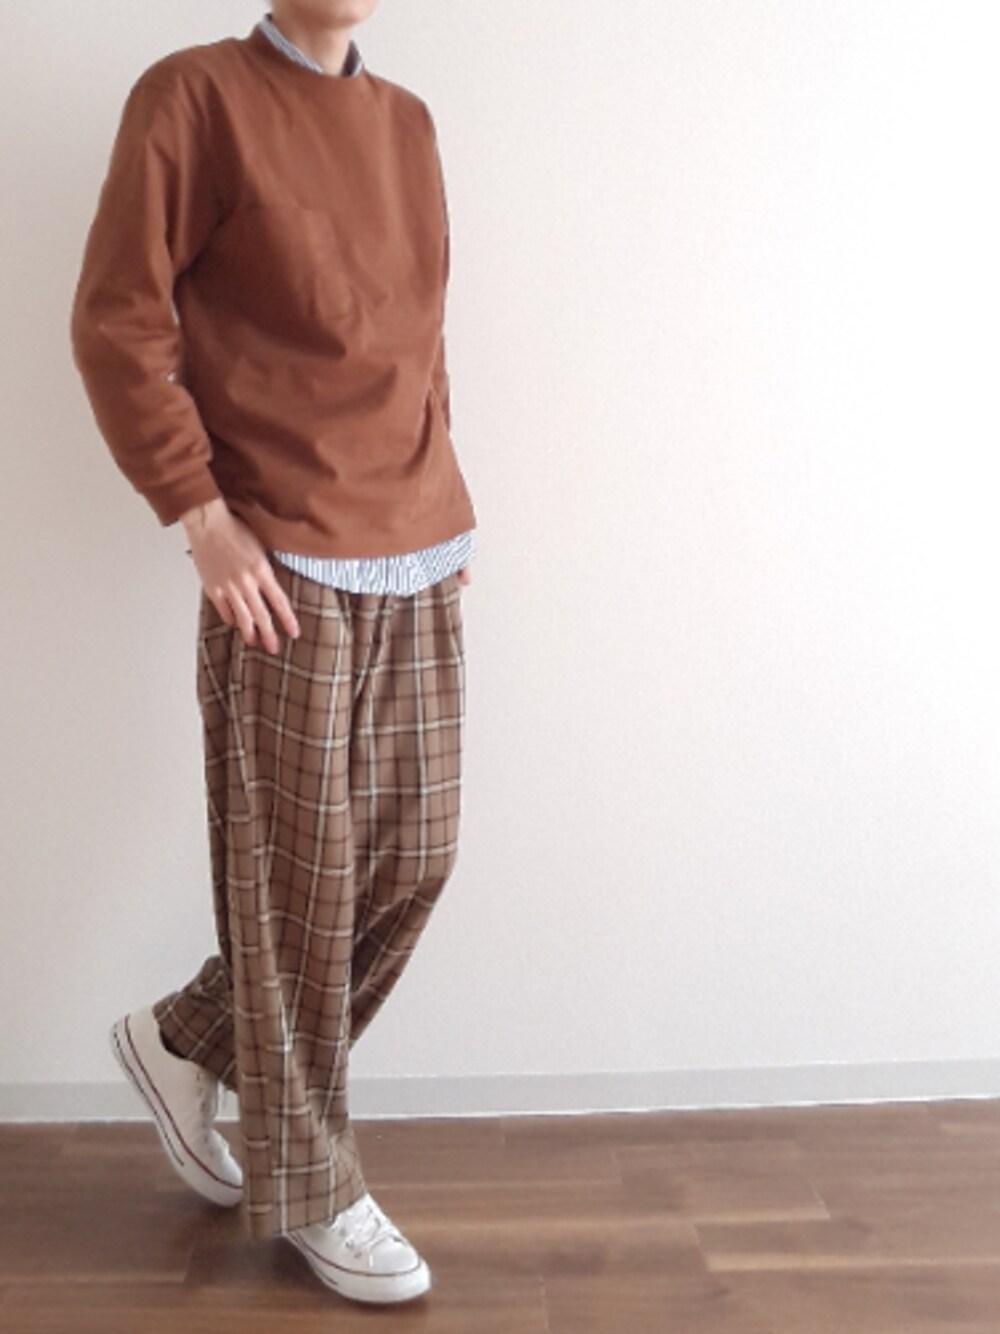 https://wear.jp/coordinate/?item_id=41140870